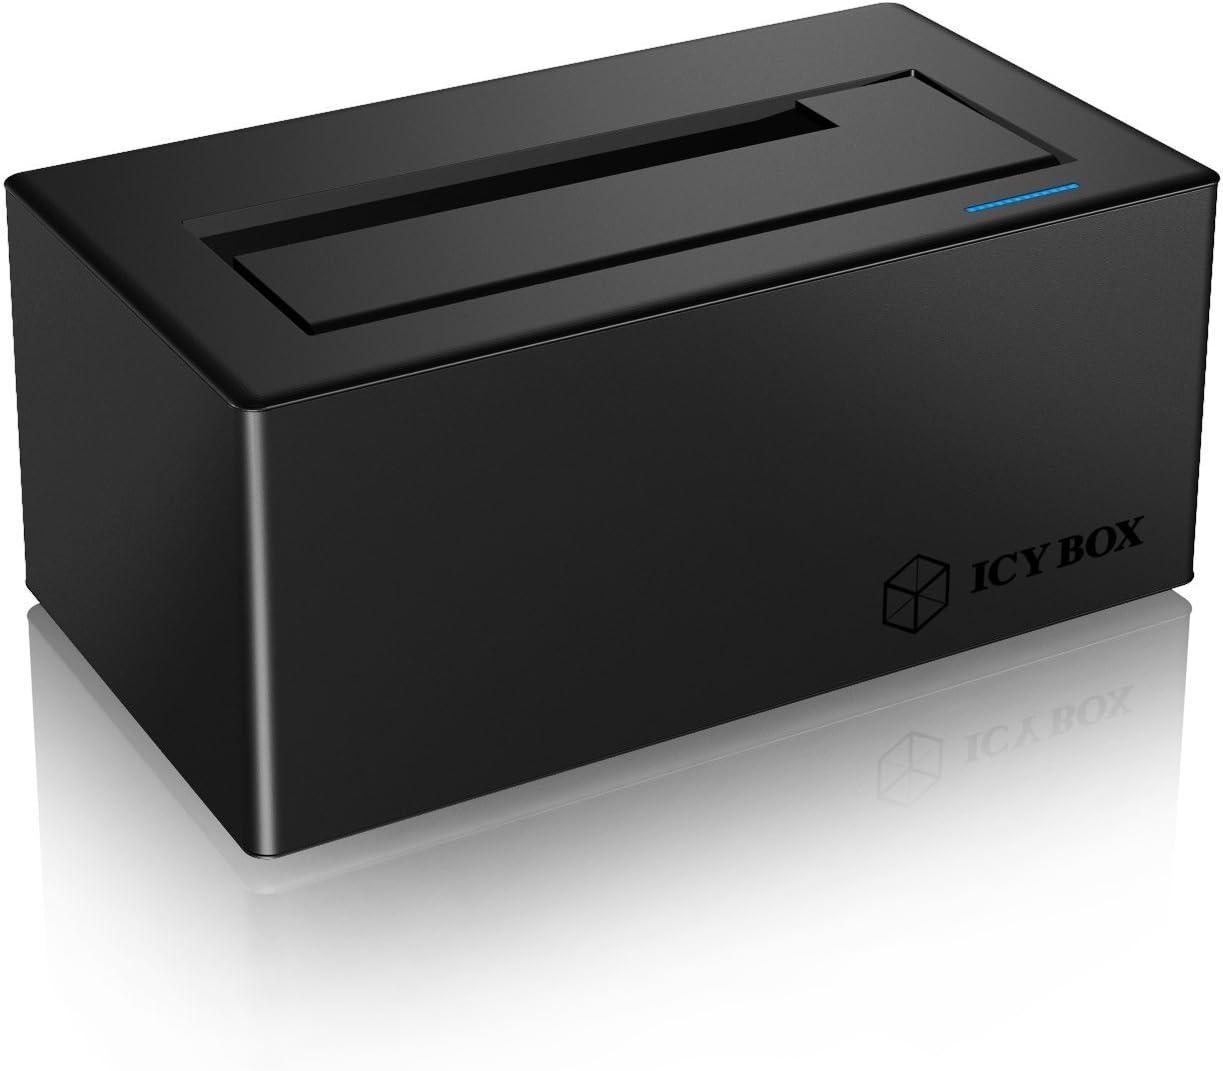 ICY BOX Estación de acoplamiento IB-117-U31 USB 3.1, negro